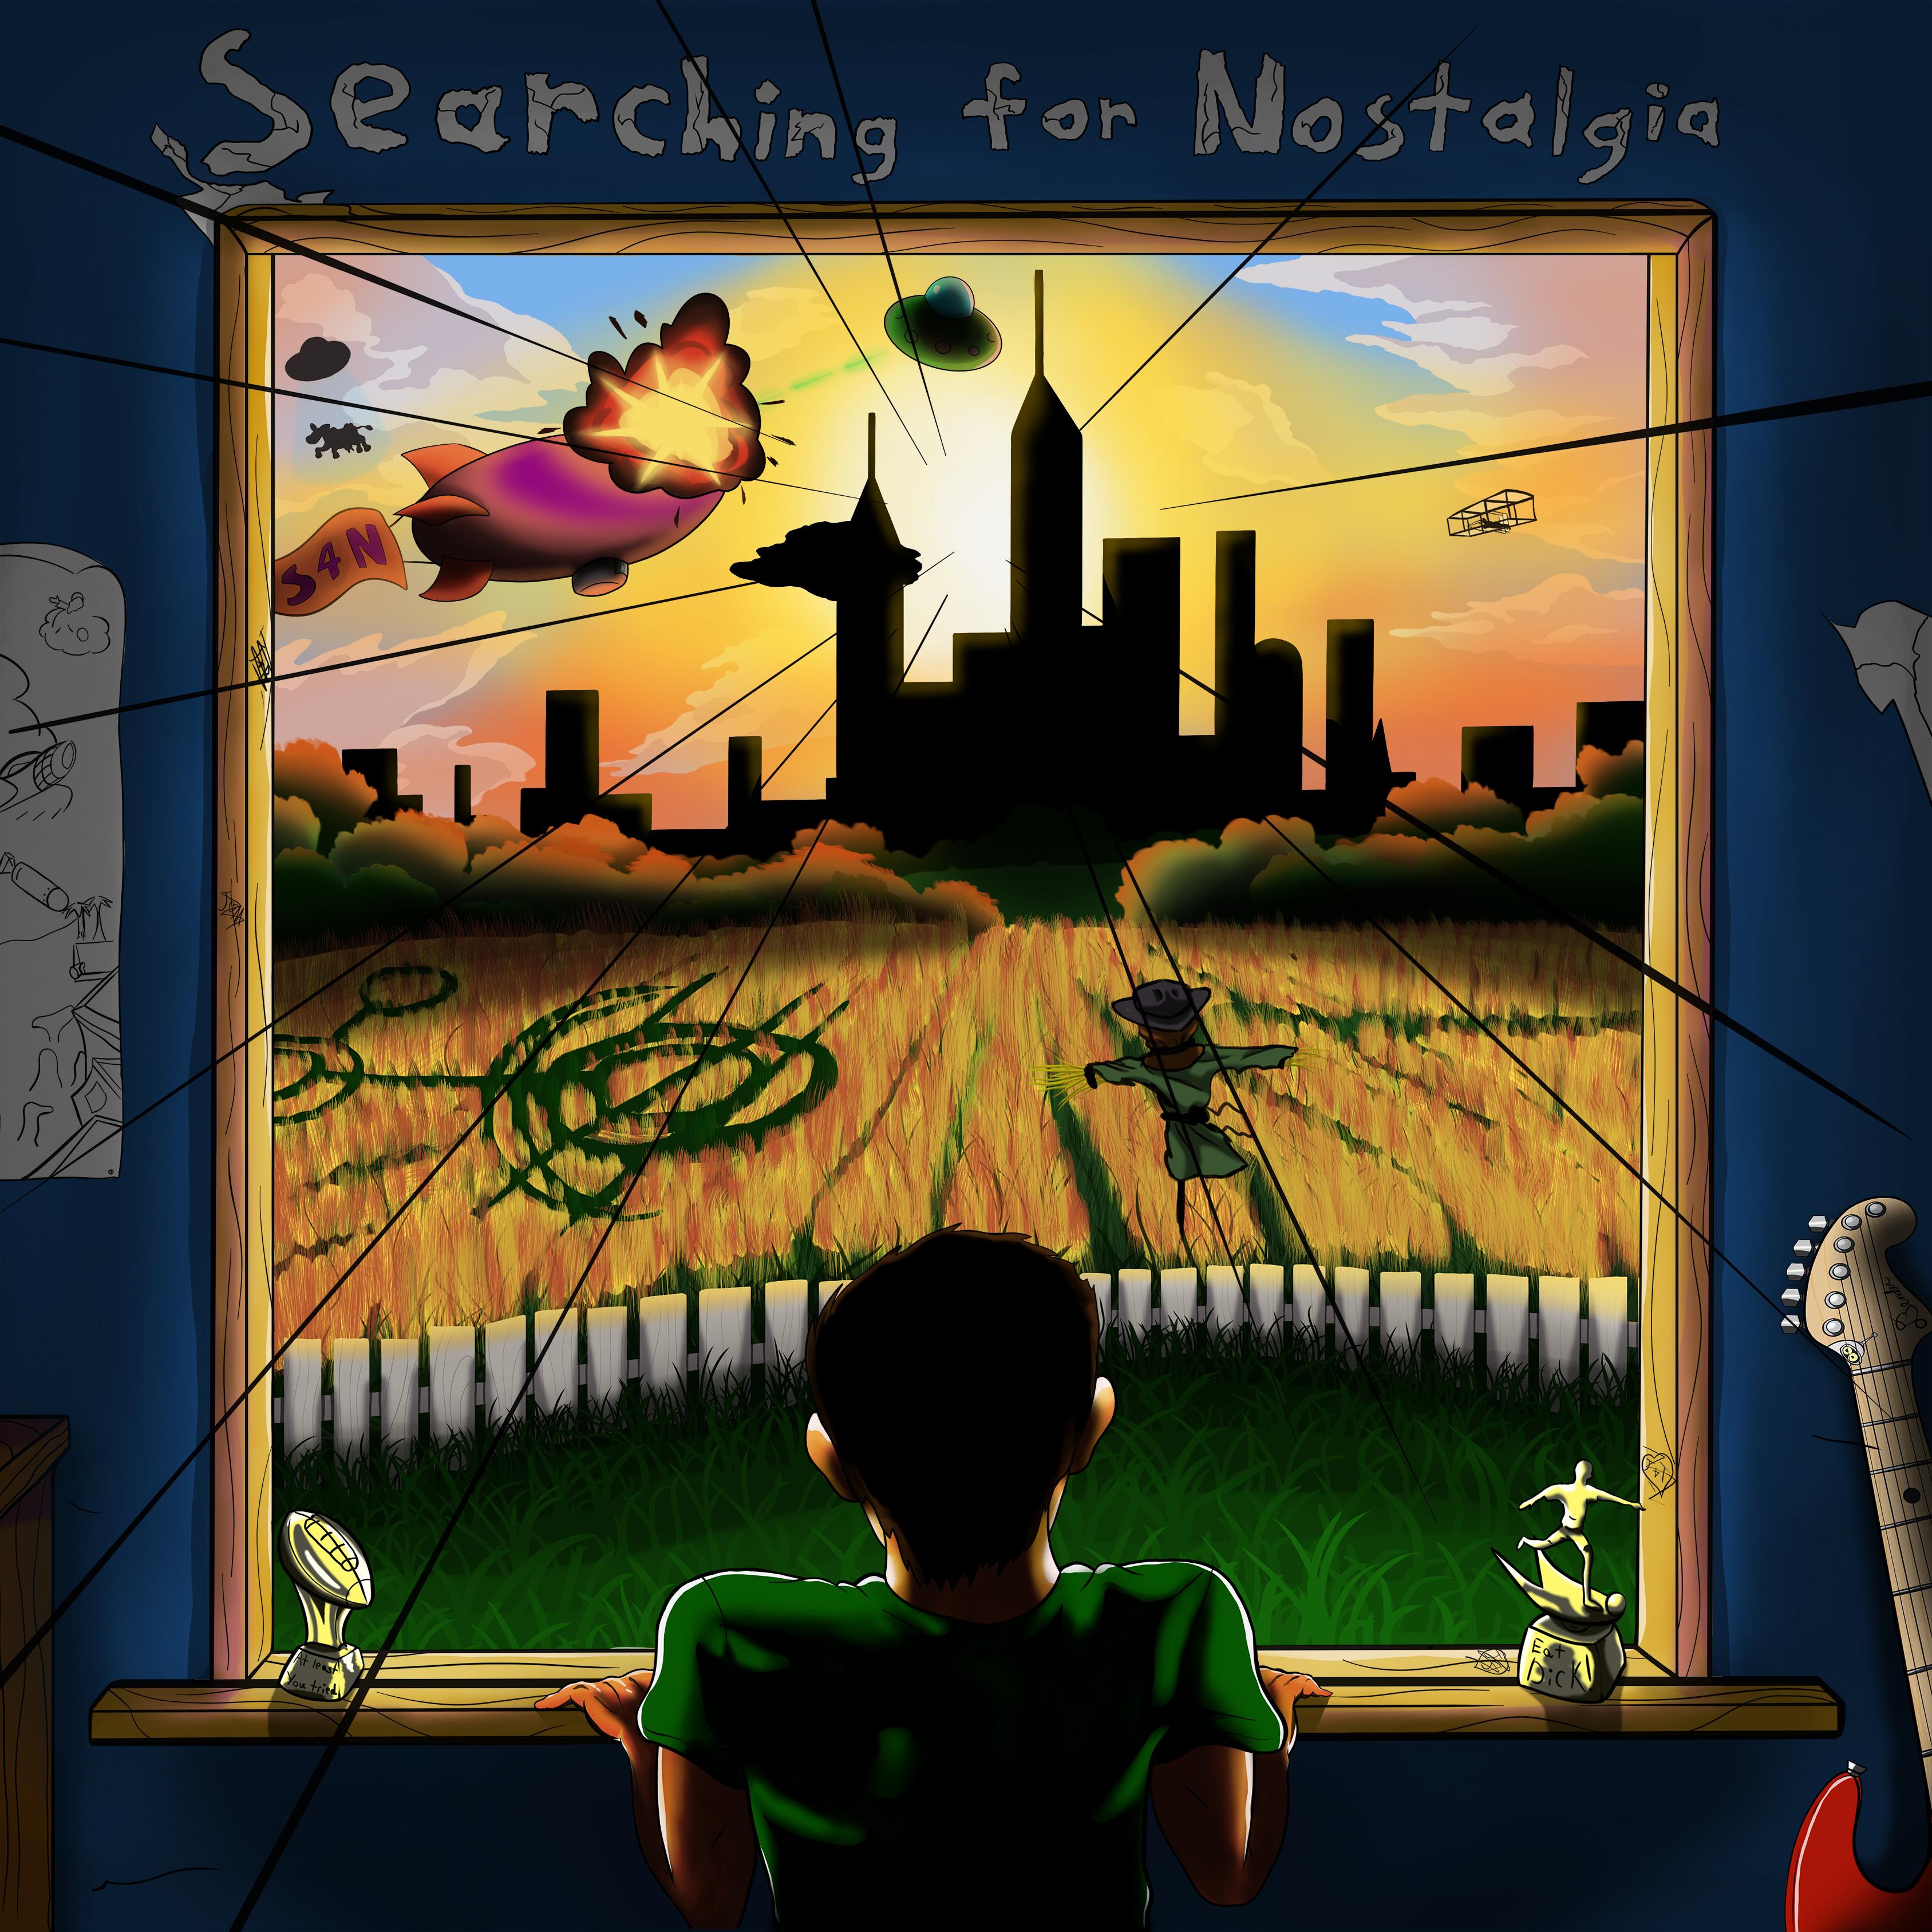 Searching 4 Nostalgia